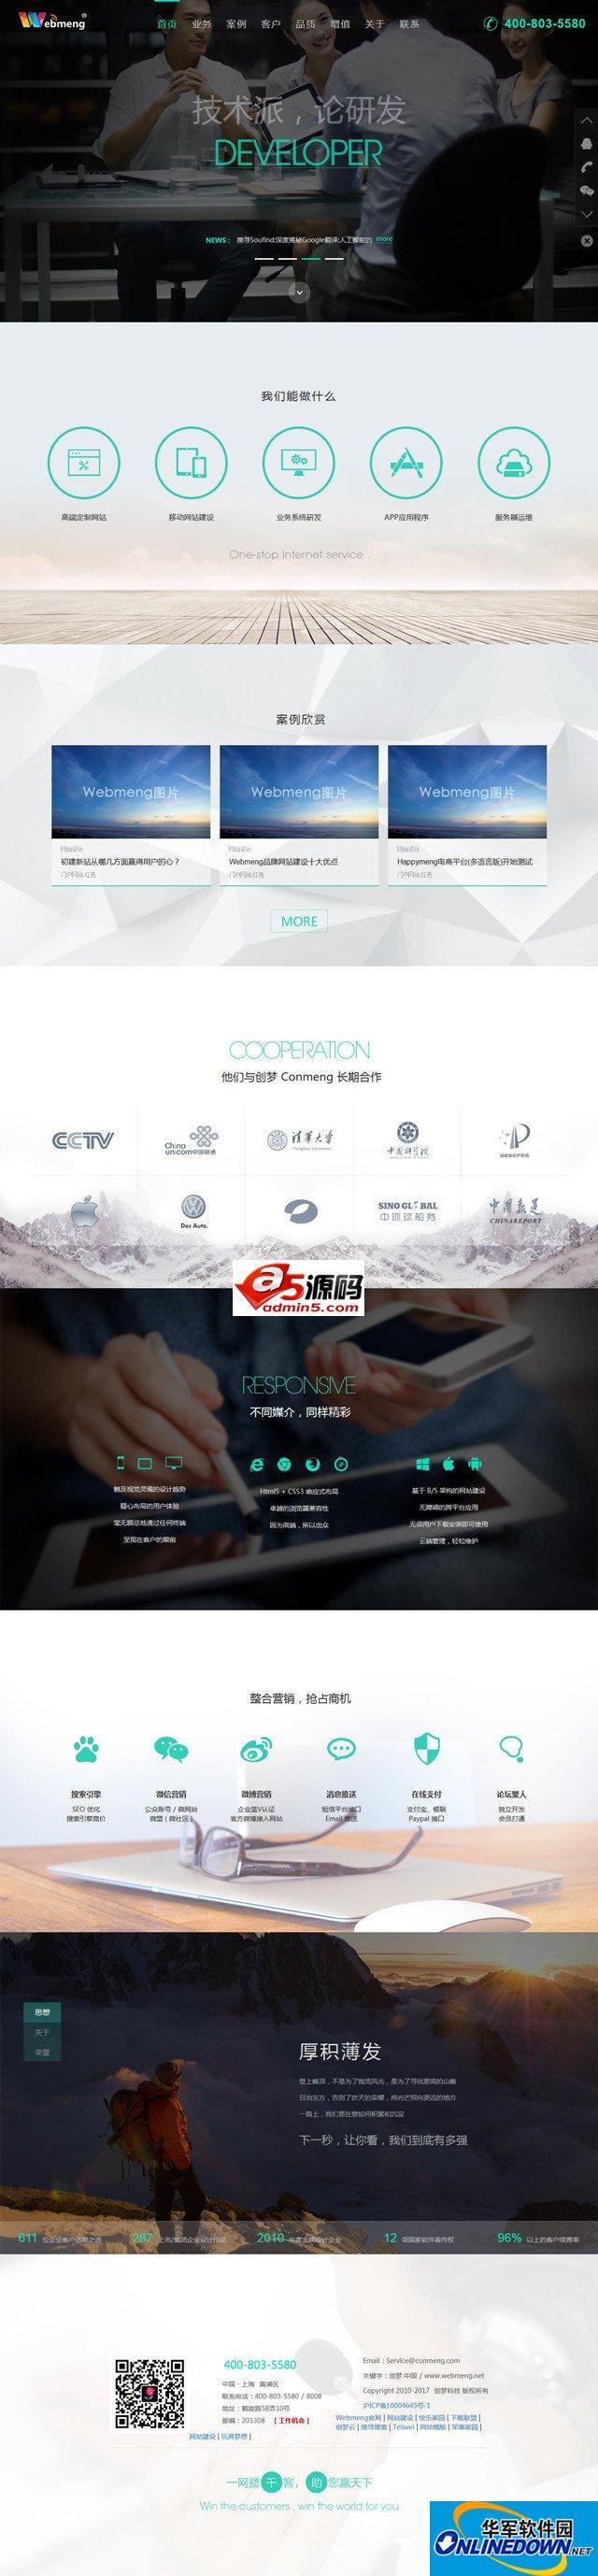 中文企业网站管理系统(WebmengWeb) 8.0.2